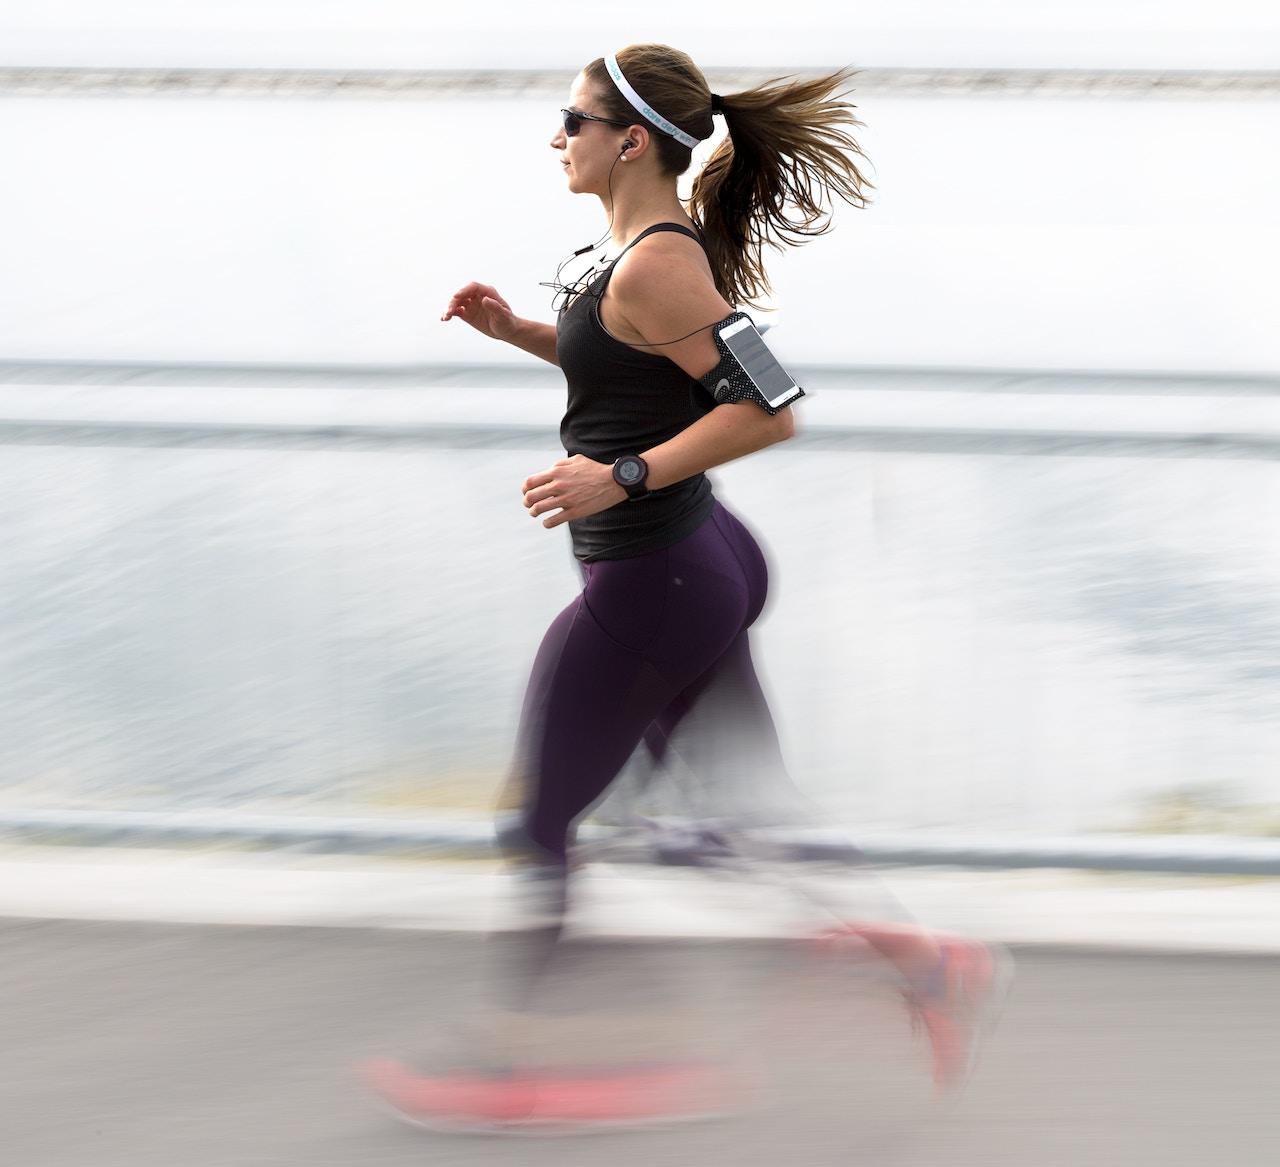 45 dakika yerine 1 dakikalık egzersizle aynı faydayı elde etmek mümkün